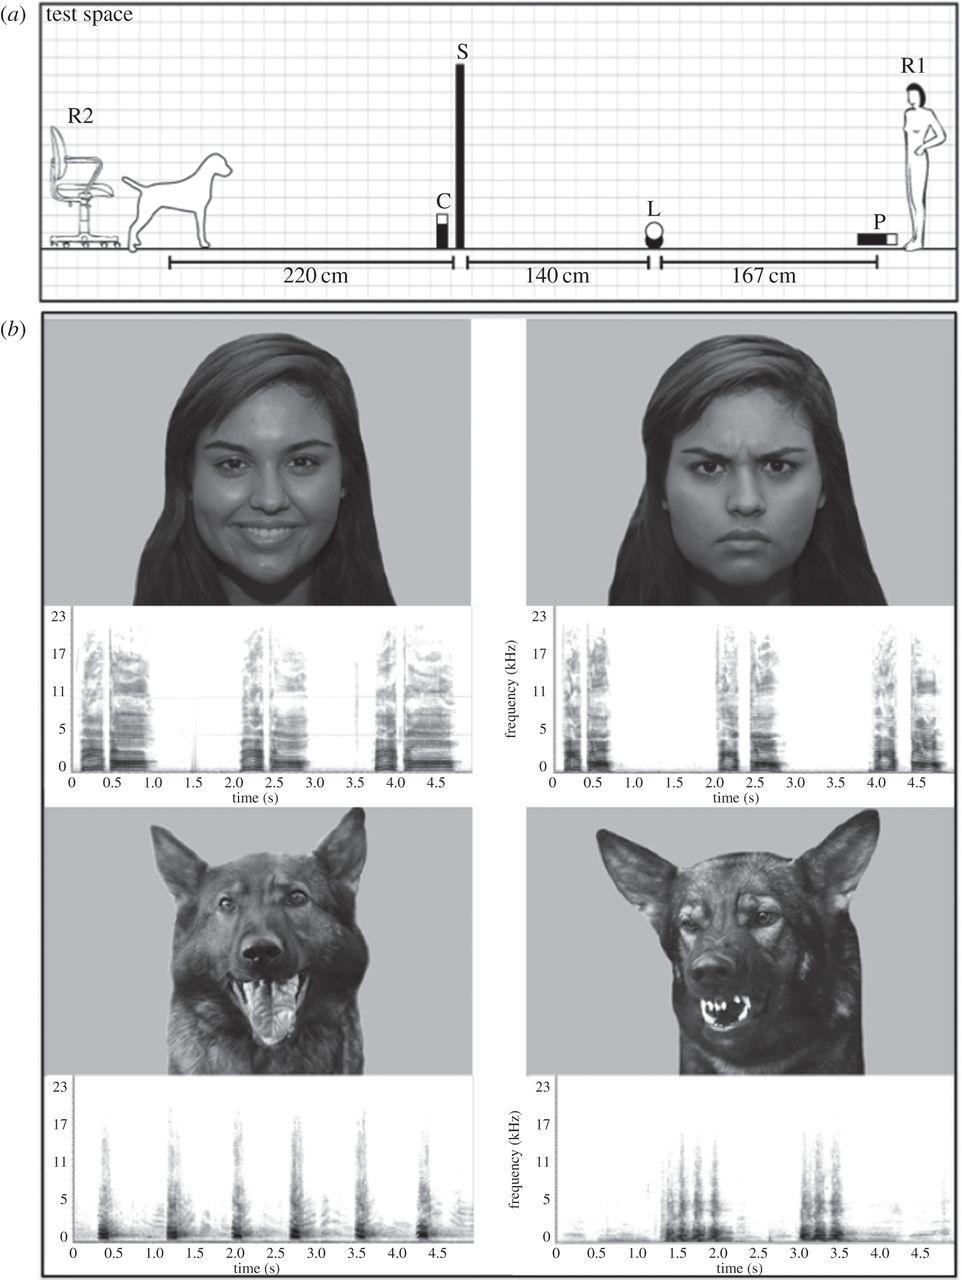 Собаки определяют настроение человека по выражению лица